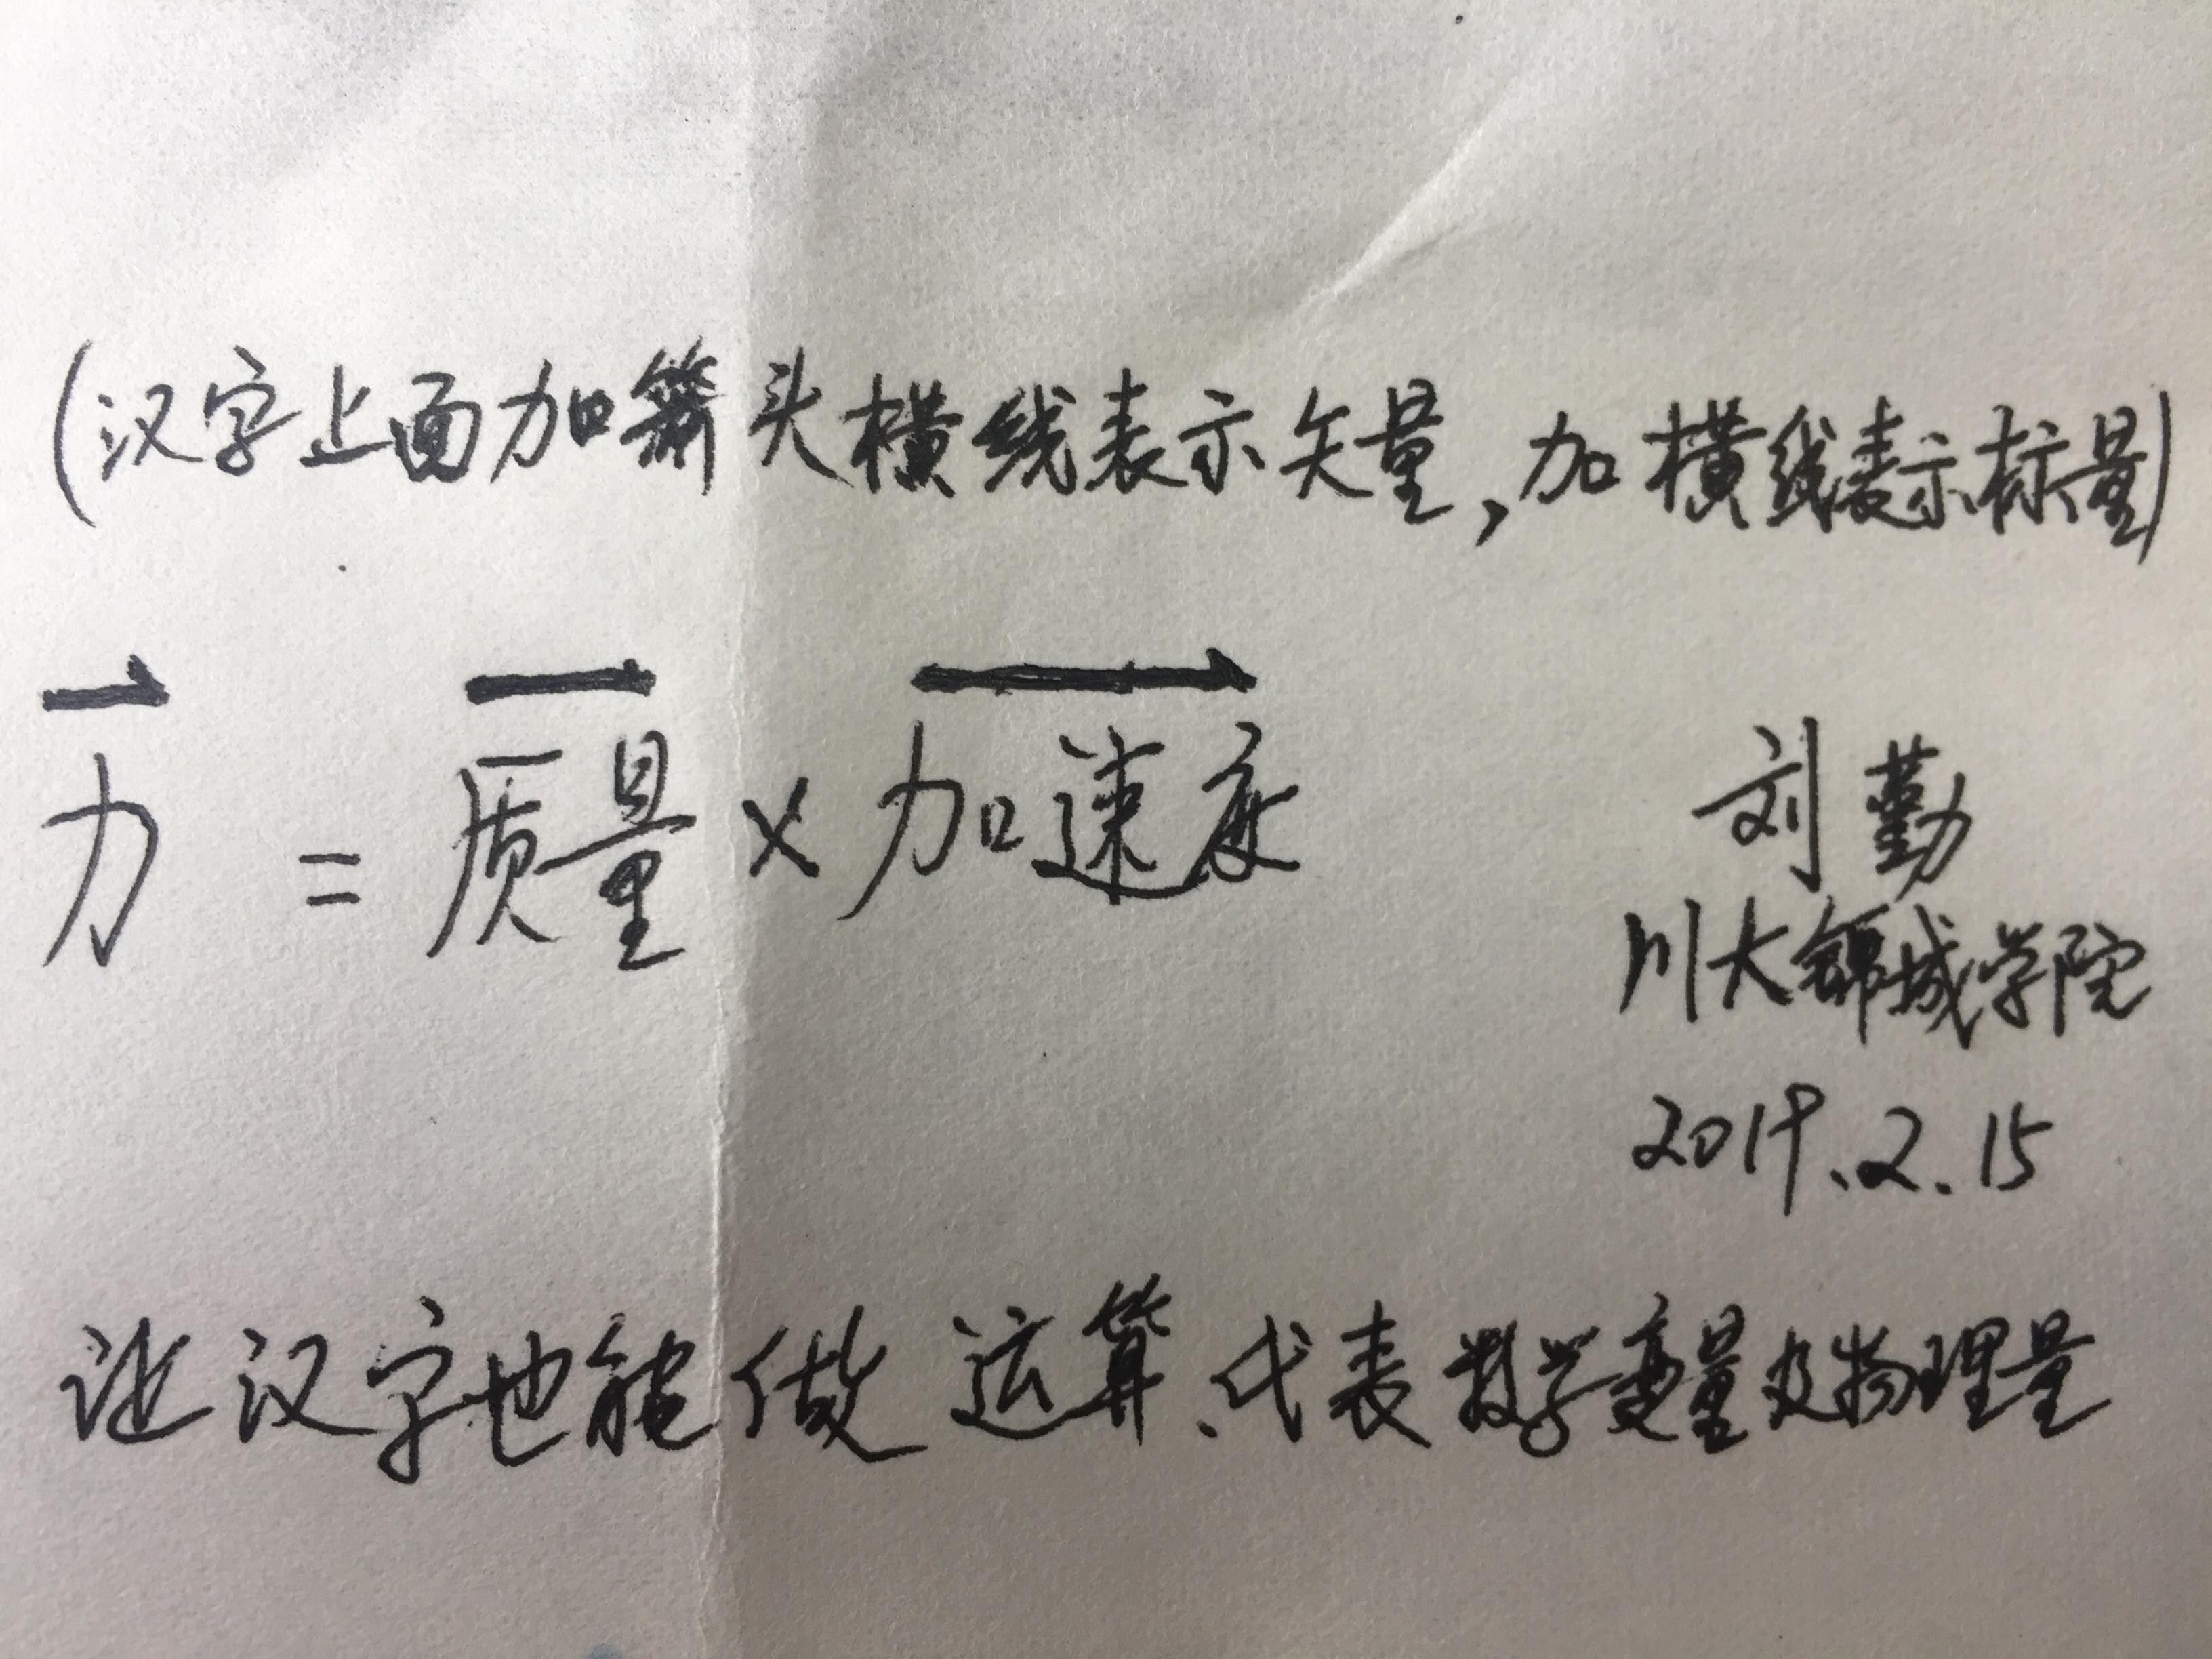 汉字矢量运算 2019.jpg